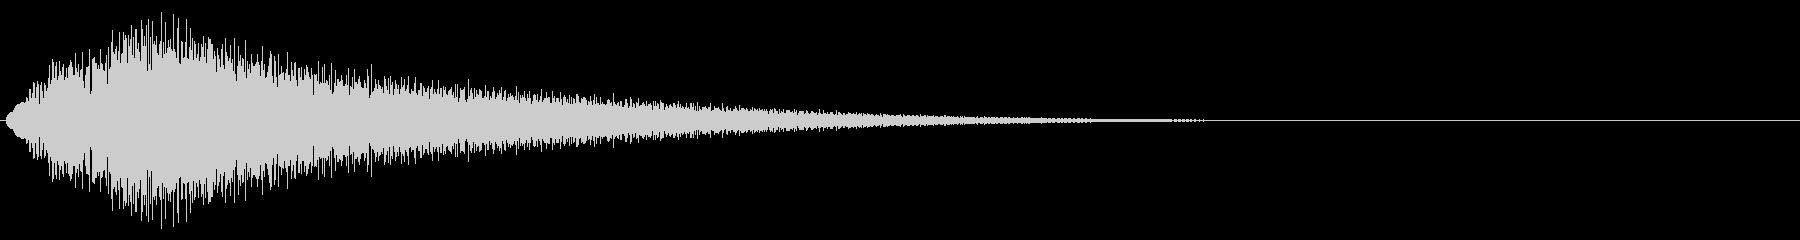 グリッサンド07 ビブラフォン(上昇)の未再生の波形